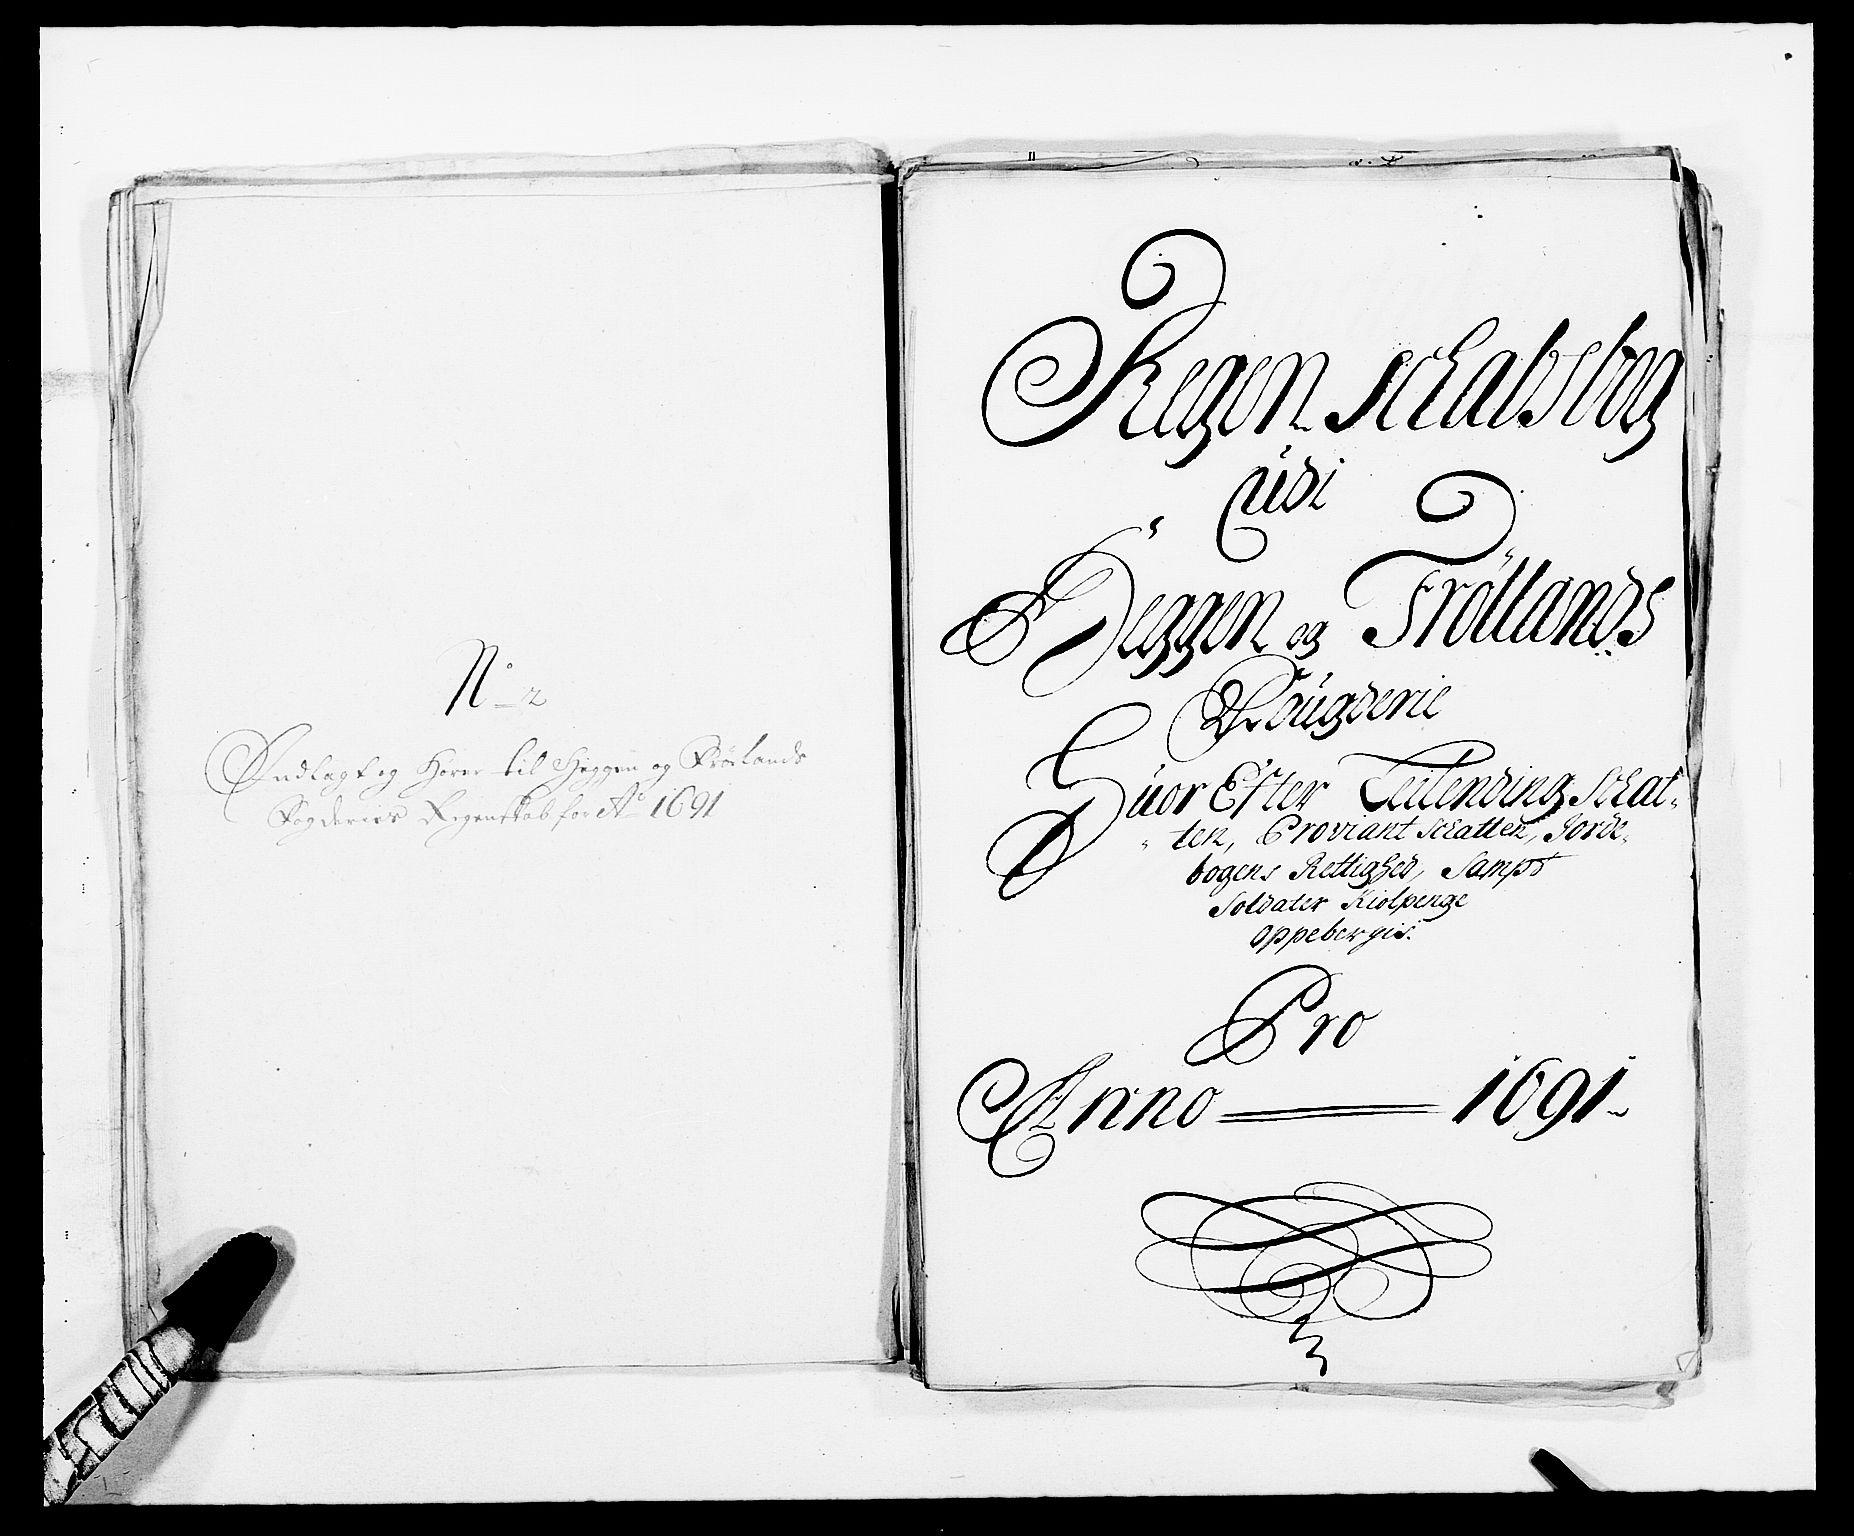 RA, Rentekammeret inntil 1814, Reviderte regnskaper, Fogderegnskap, R06/L0283: Fogderegnskap Heggen og Frøland, 1691-1693, s. 30